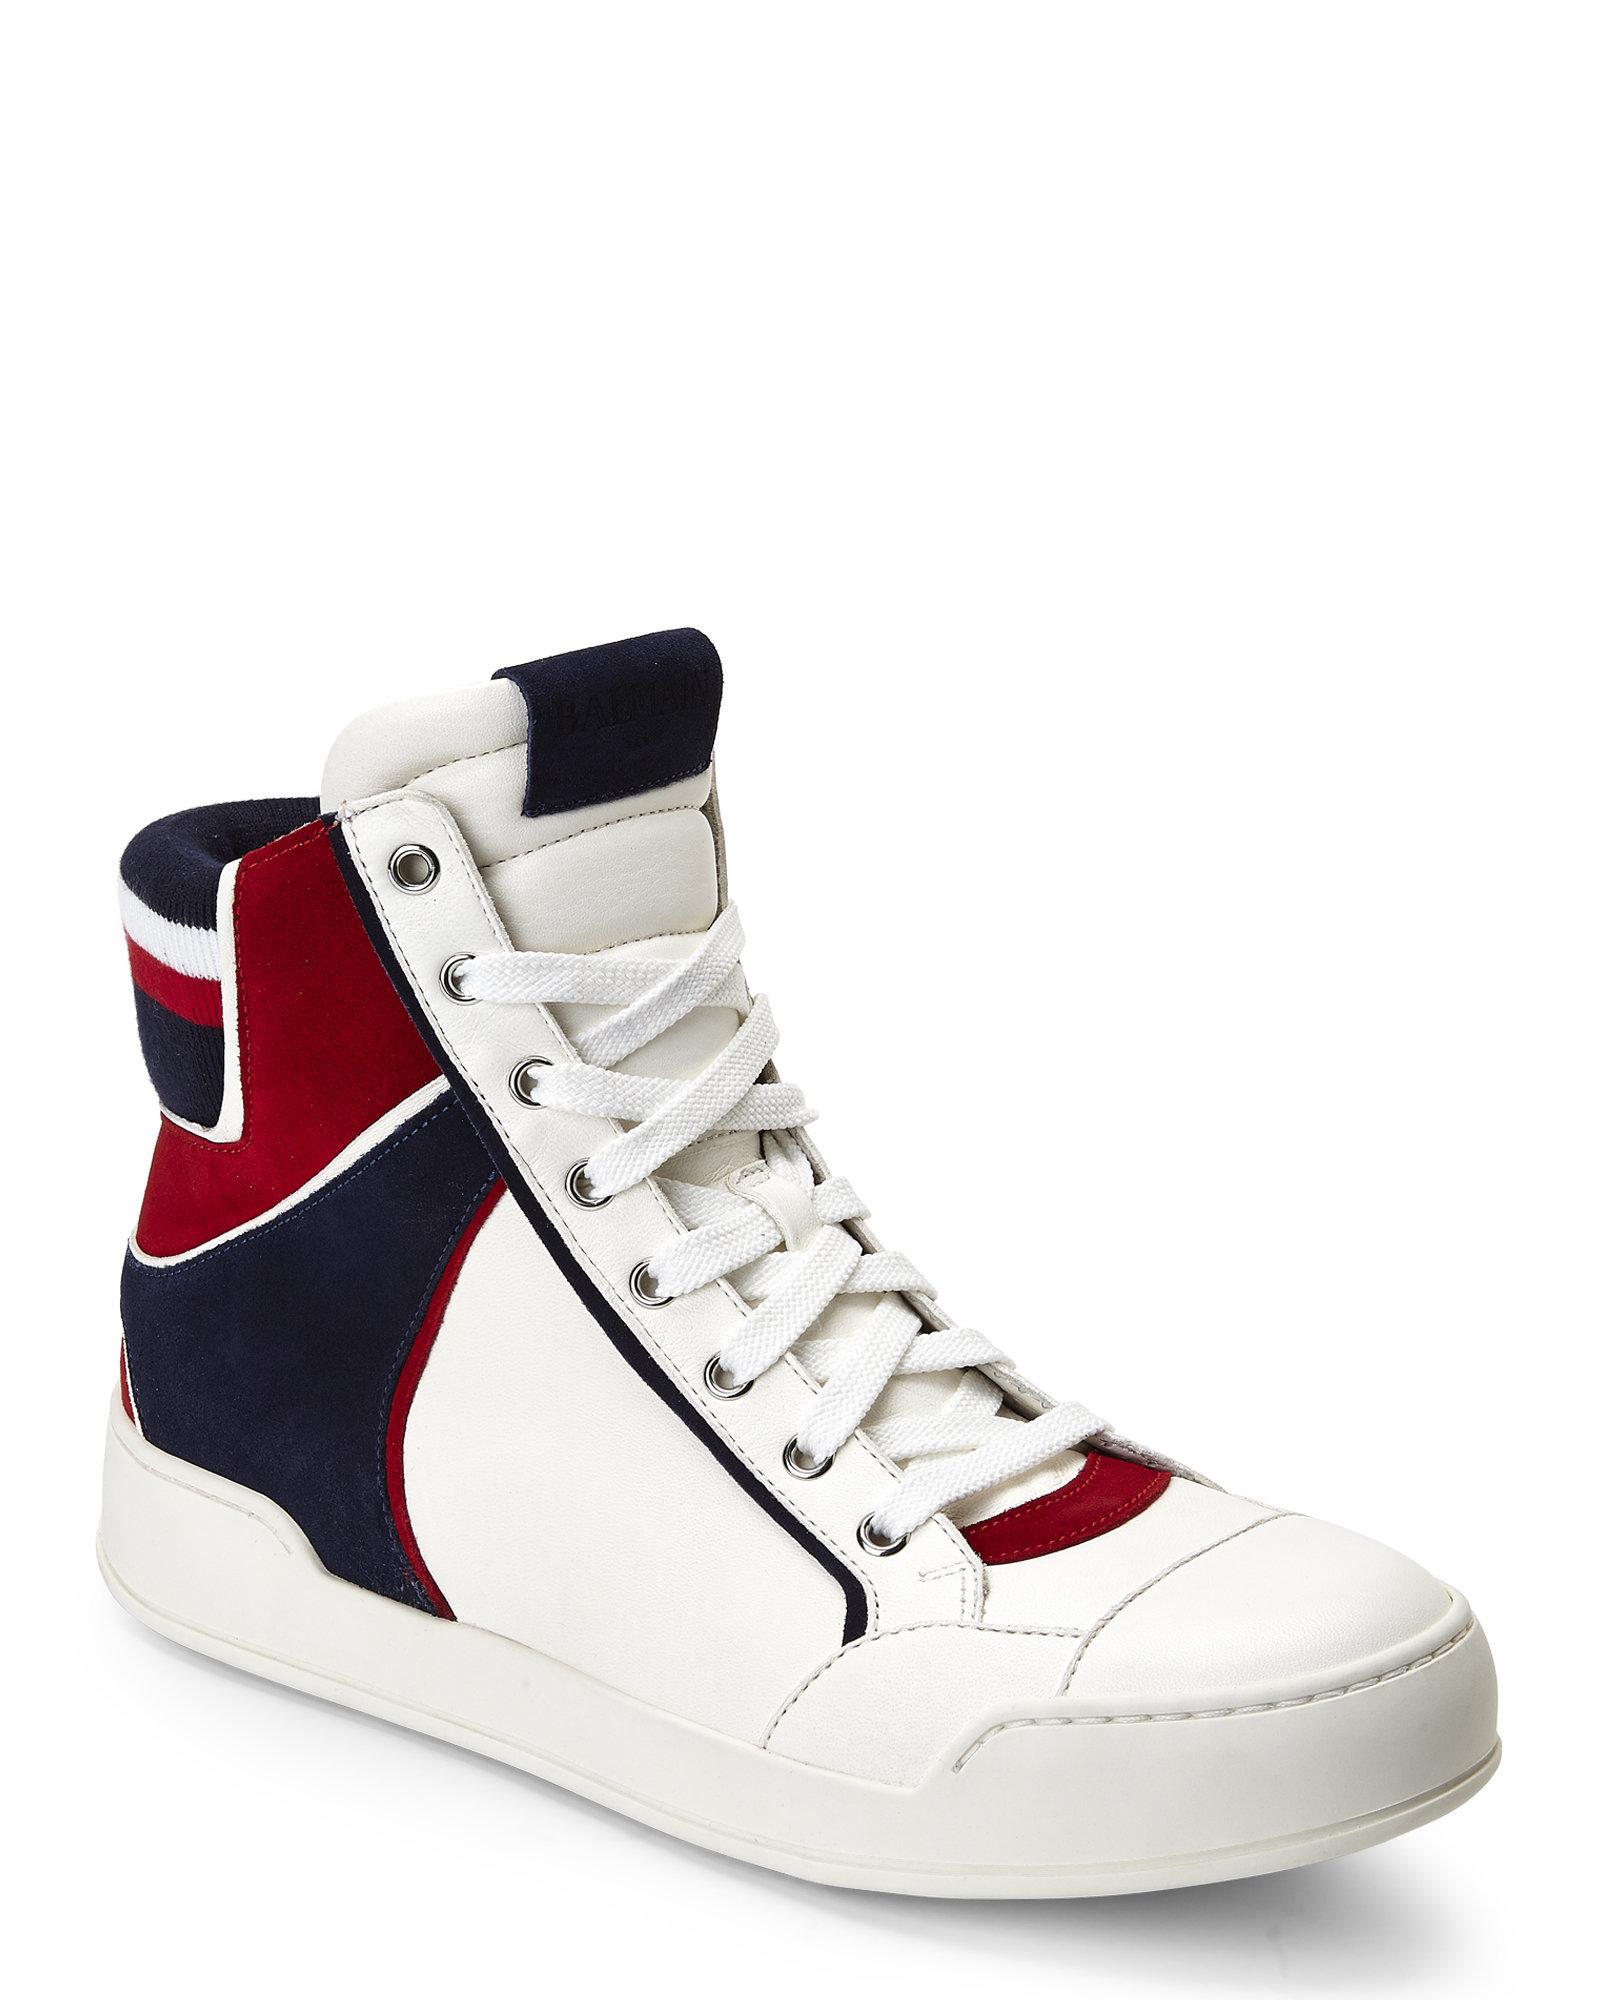 Pre-owned - Cloth high trainers Balmain bqT7ht